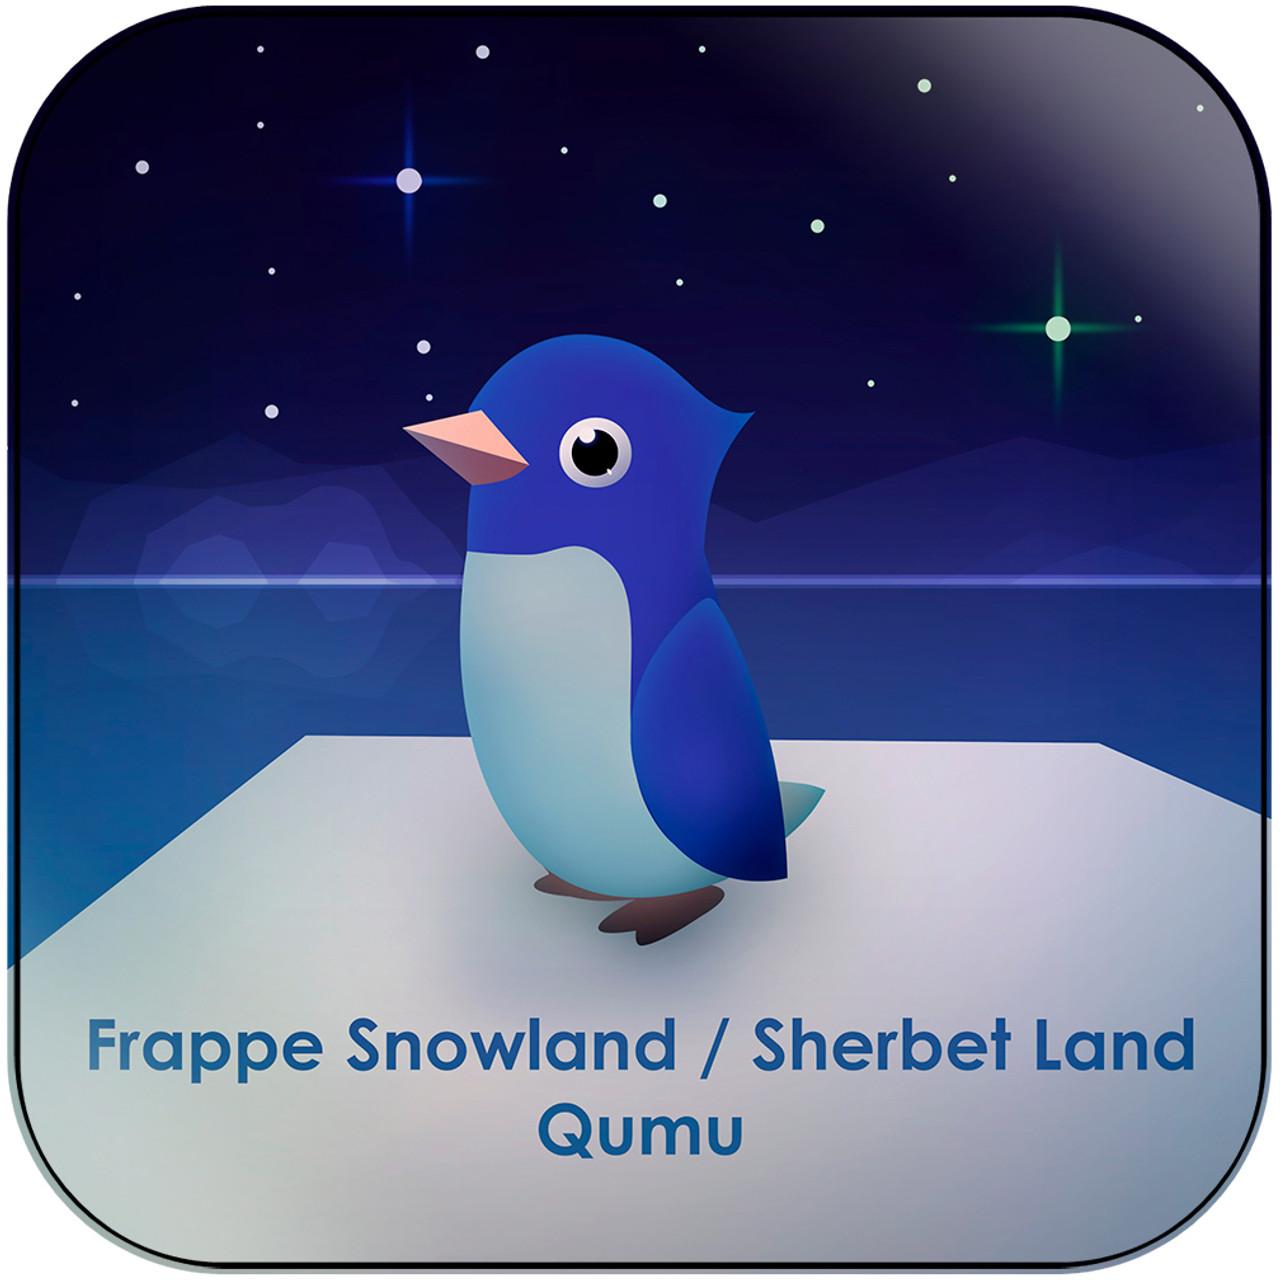 Qumu - Frappe Snowland Sherbet Land From Mario Kart 64 Album Cover Sticker  Album Cover Sticker